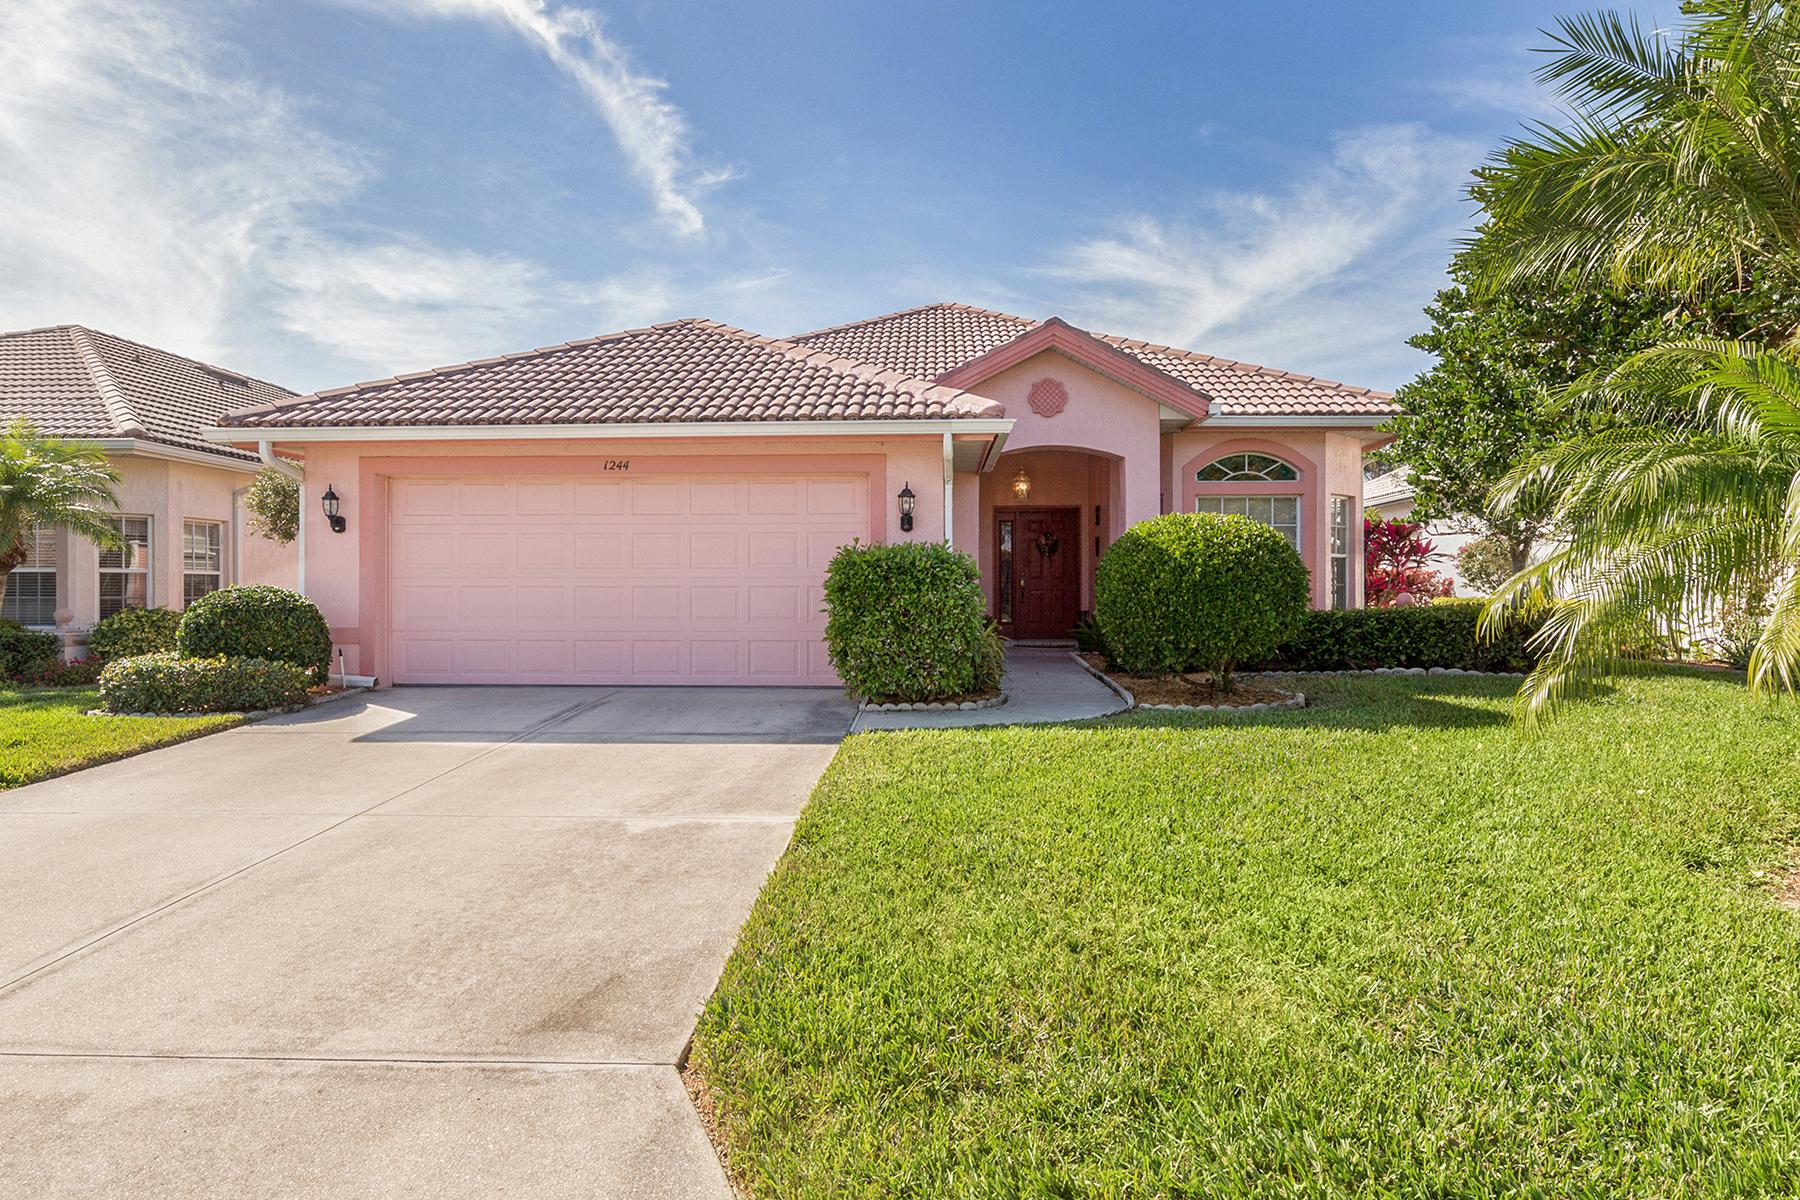 一戸建て のために 売買 アット PELICAN POINTE 1244 Highland Greens Dr Venice, フロリダ, 34285 アメリカ合衆国